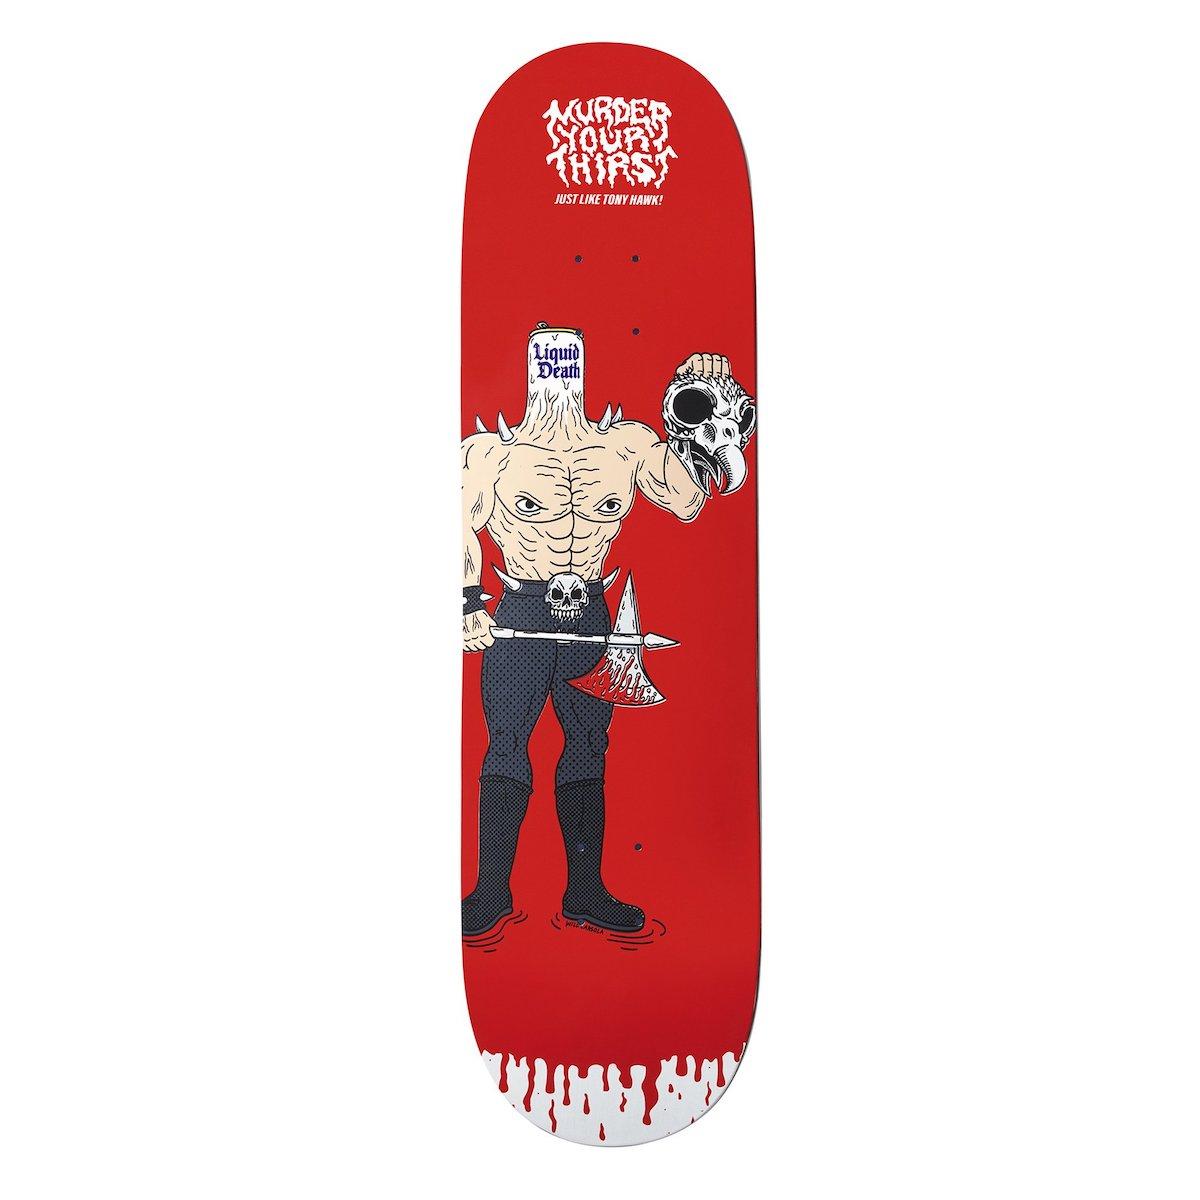 Tony Hawk commercial un skate qui contient propre sang en édition limité